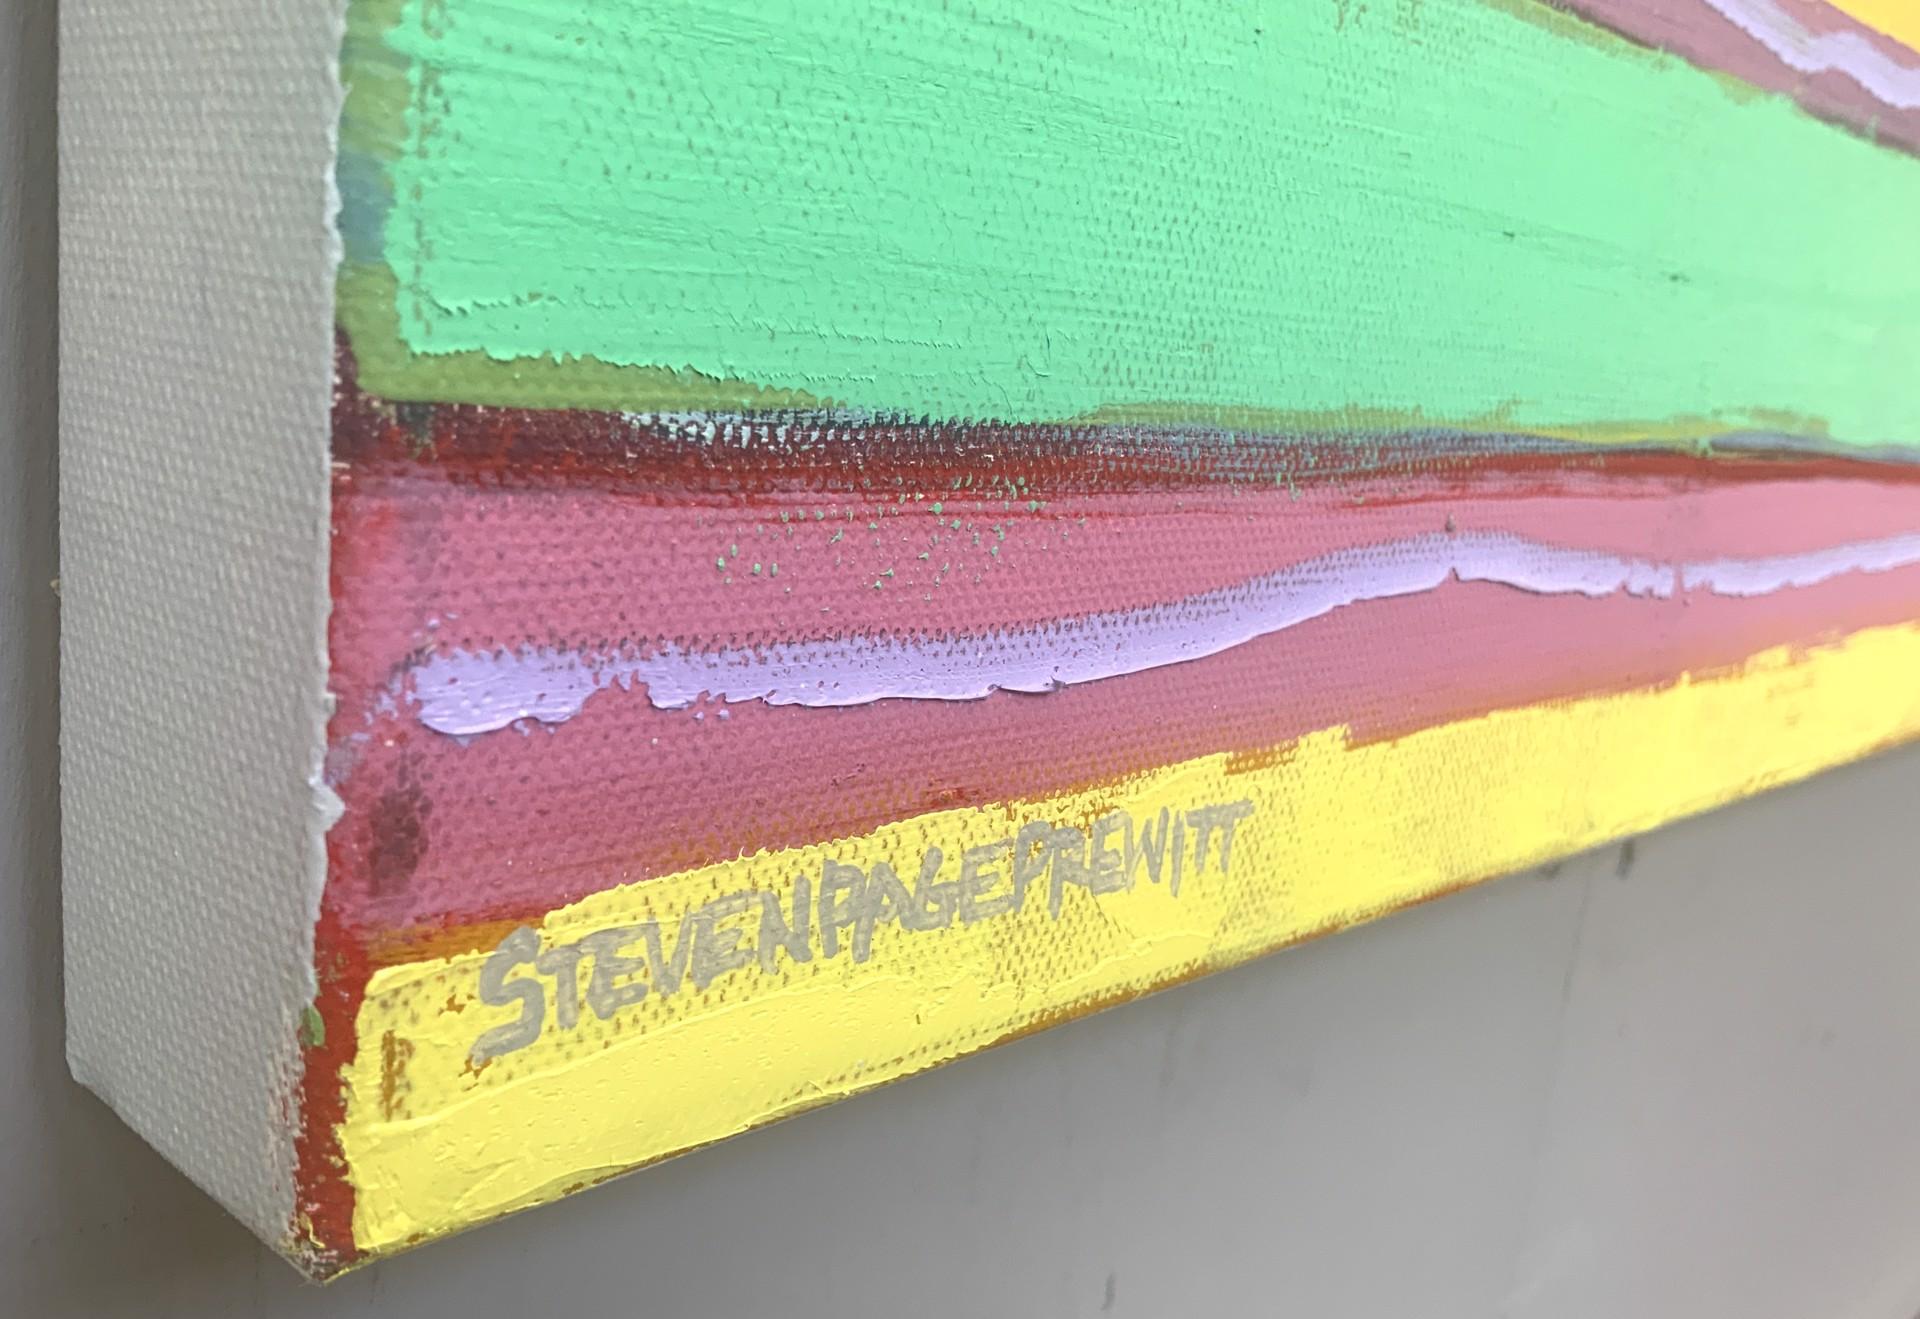 Cheap Beach Chair 2 by stevenpage prewitt